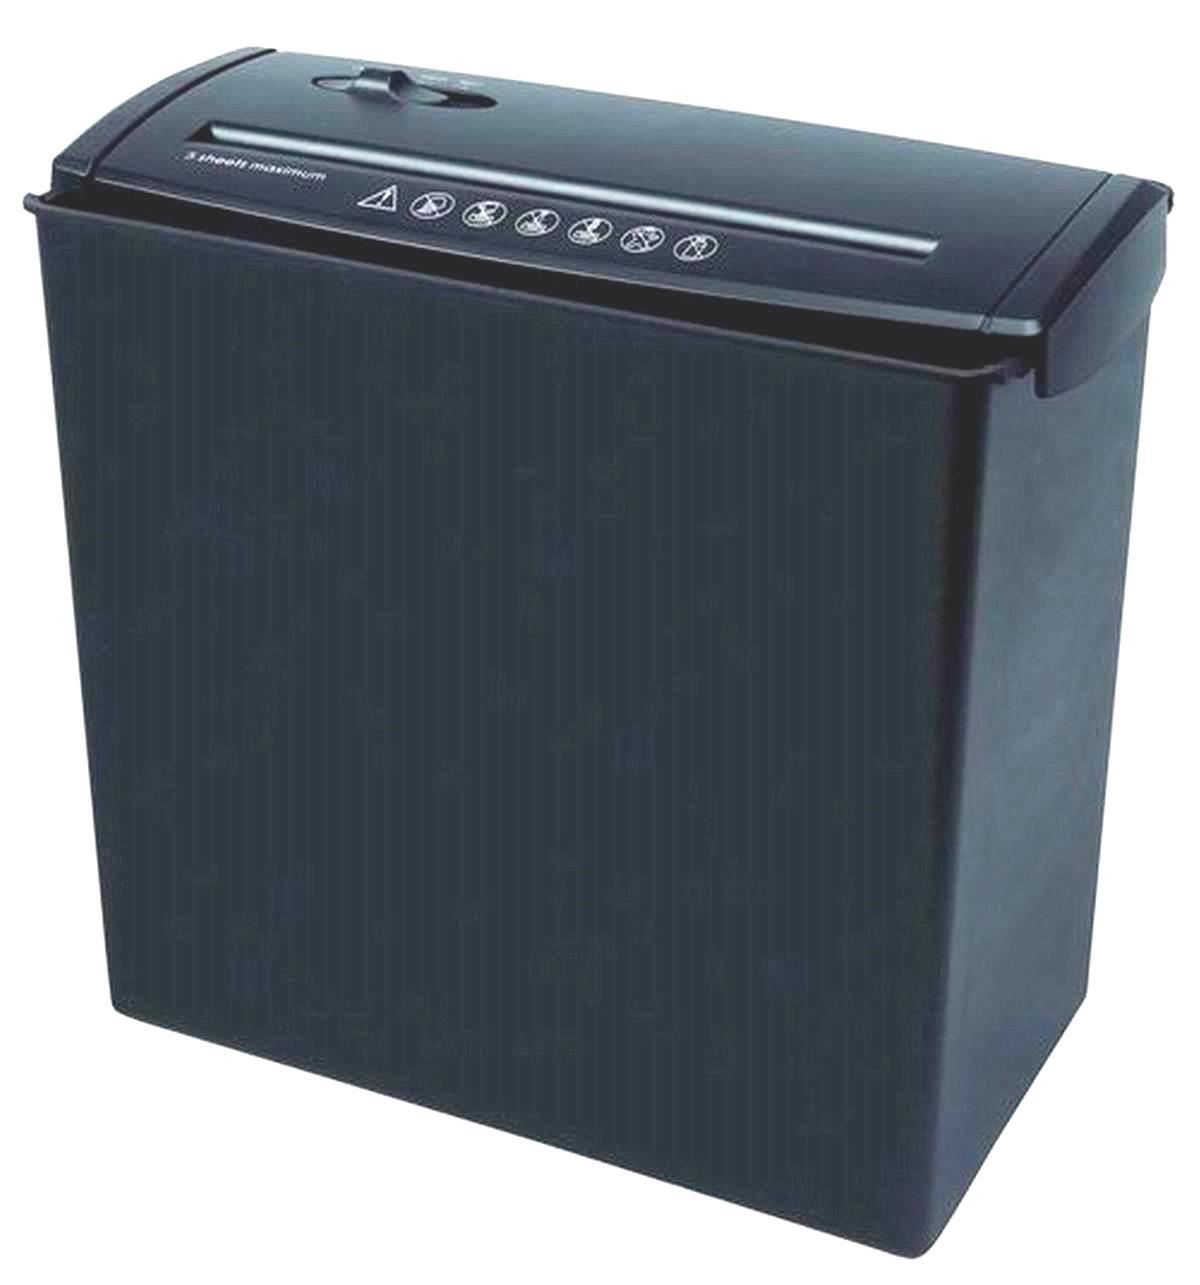 Professional Paper Shredder Cutter Machine (Black)